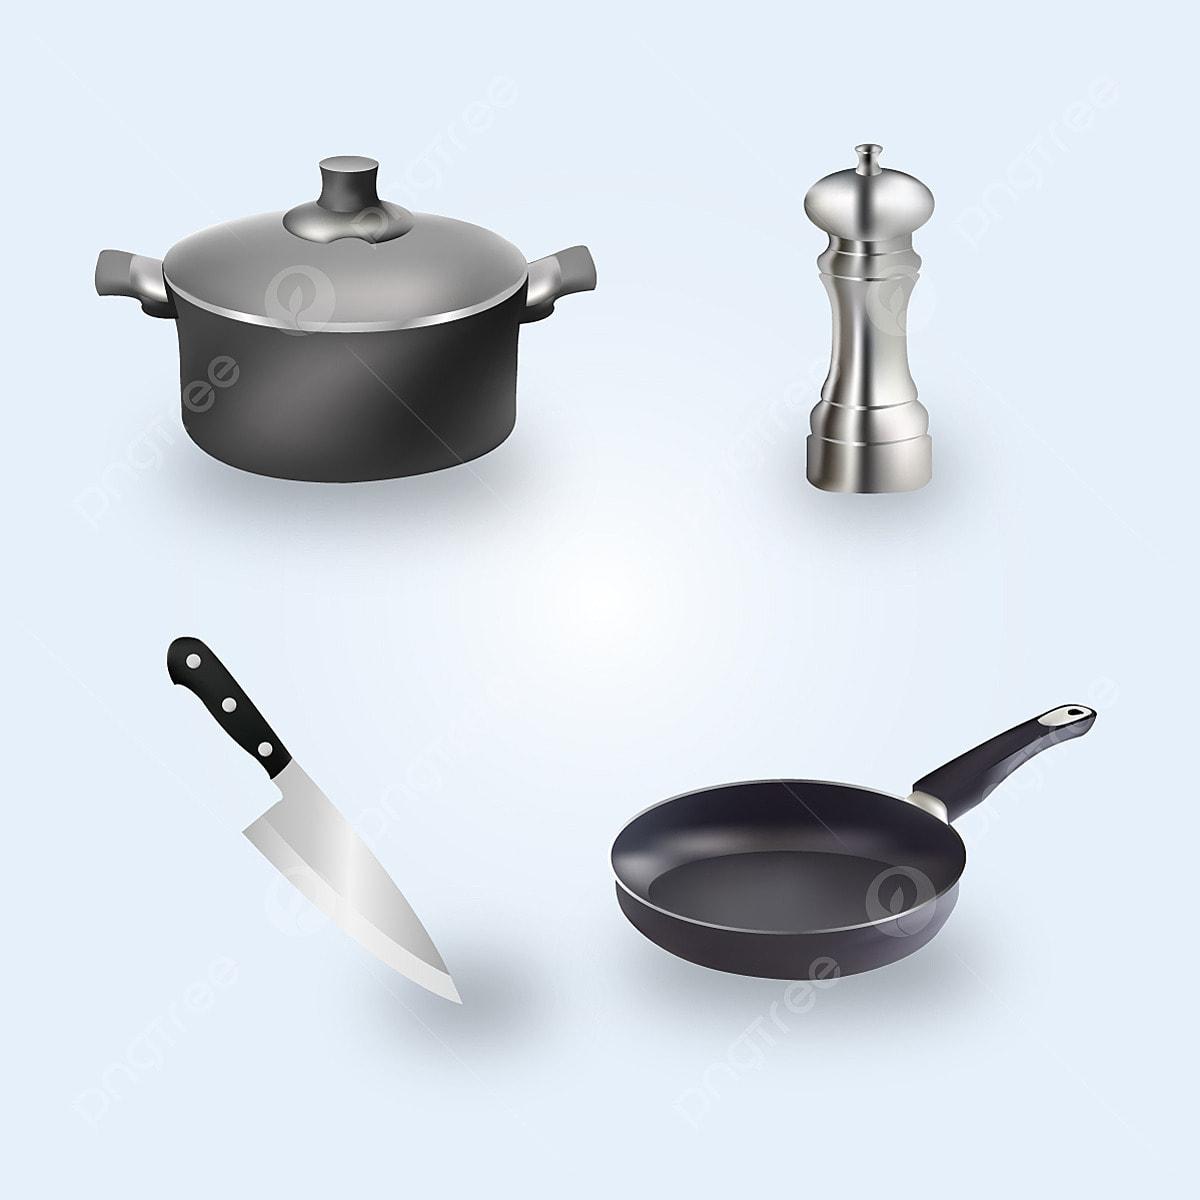 Gambar Realistik Peralatan Dapur Ilustrasi Hitam Chef Memasak Png Dan Vektor Untuk Muat Turun Percuma